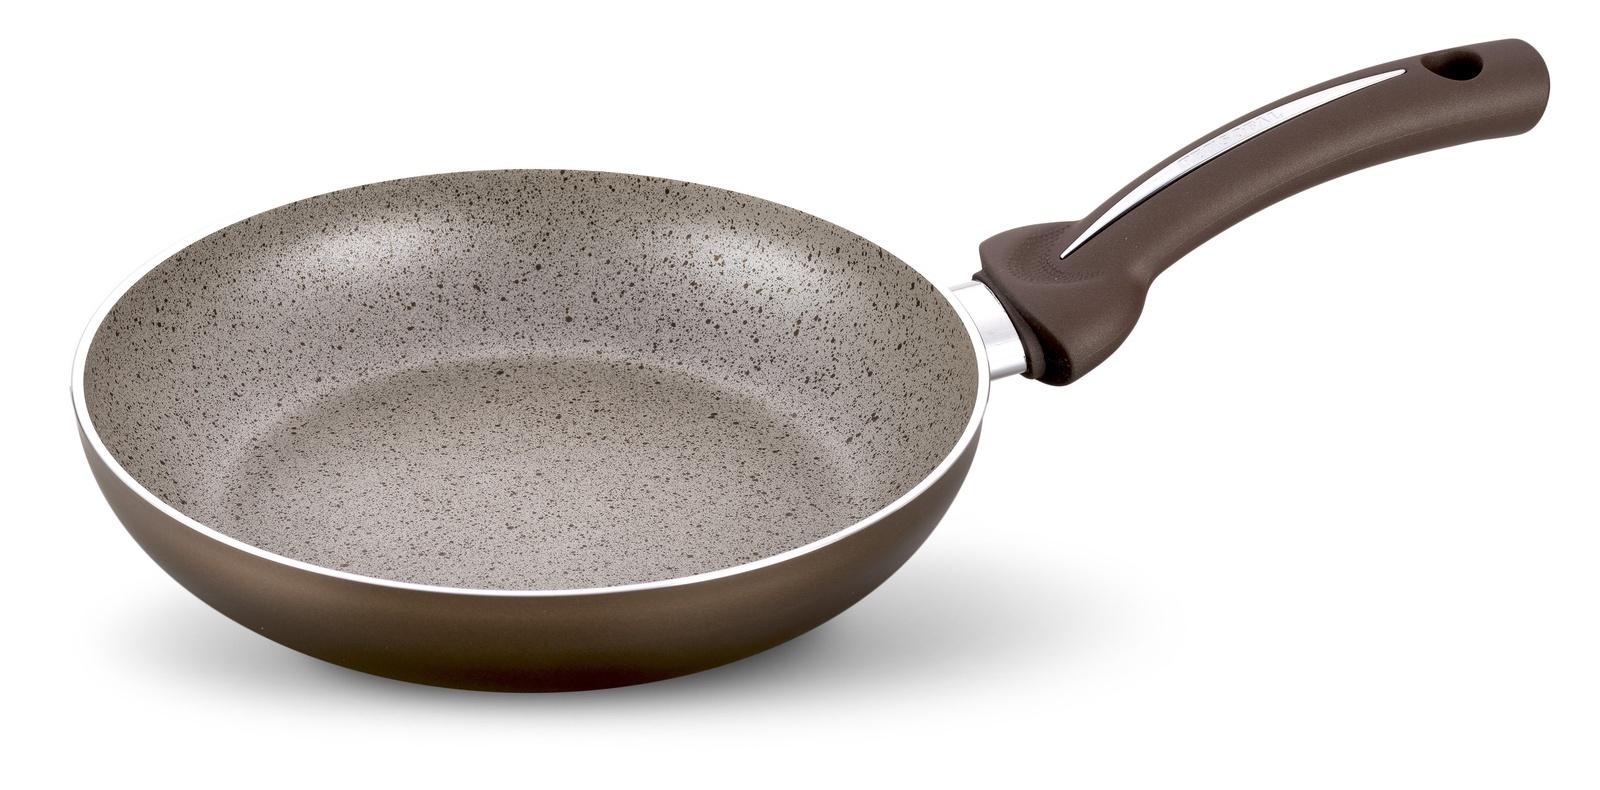 Сковорода 28 см PENSOFAL PEN 5404 BIOSTONE UNIQUM CHOCO